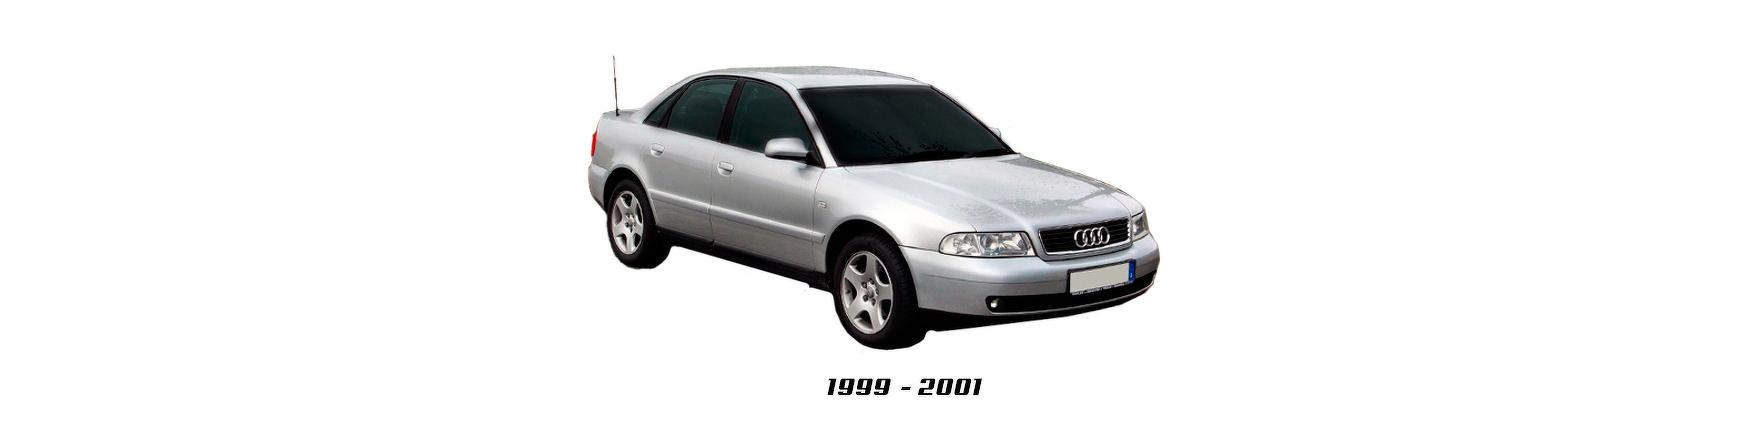 Audi A4 de 1999 y 2000.  Paragolpes, elevalunas, faros, pilotos,